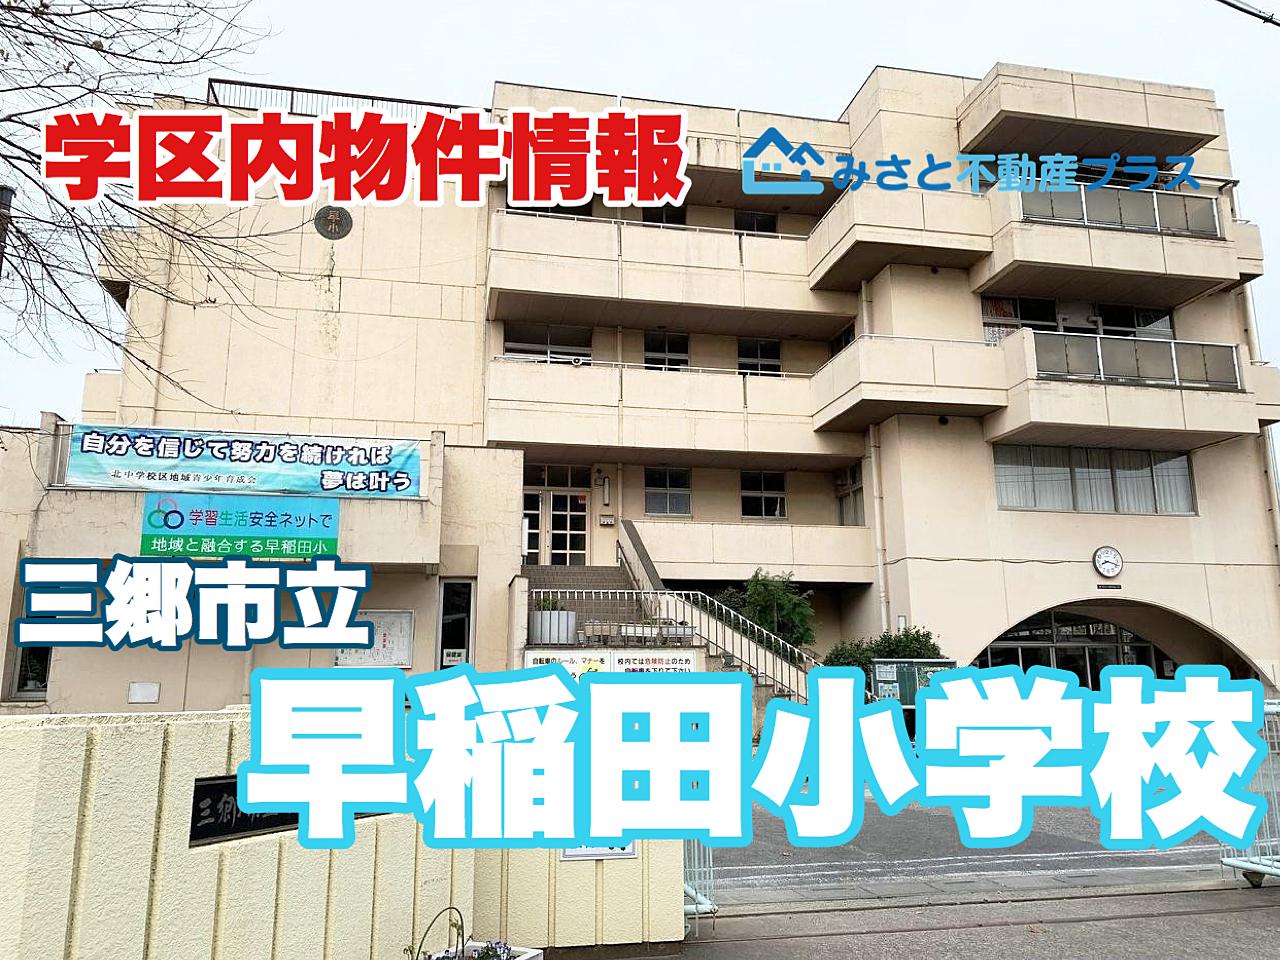 【早稲田小学校編】三郷市の小学校から物件探し